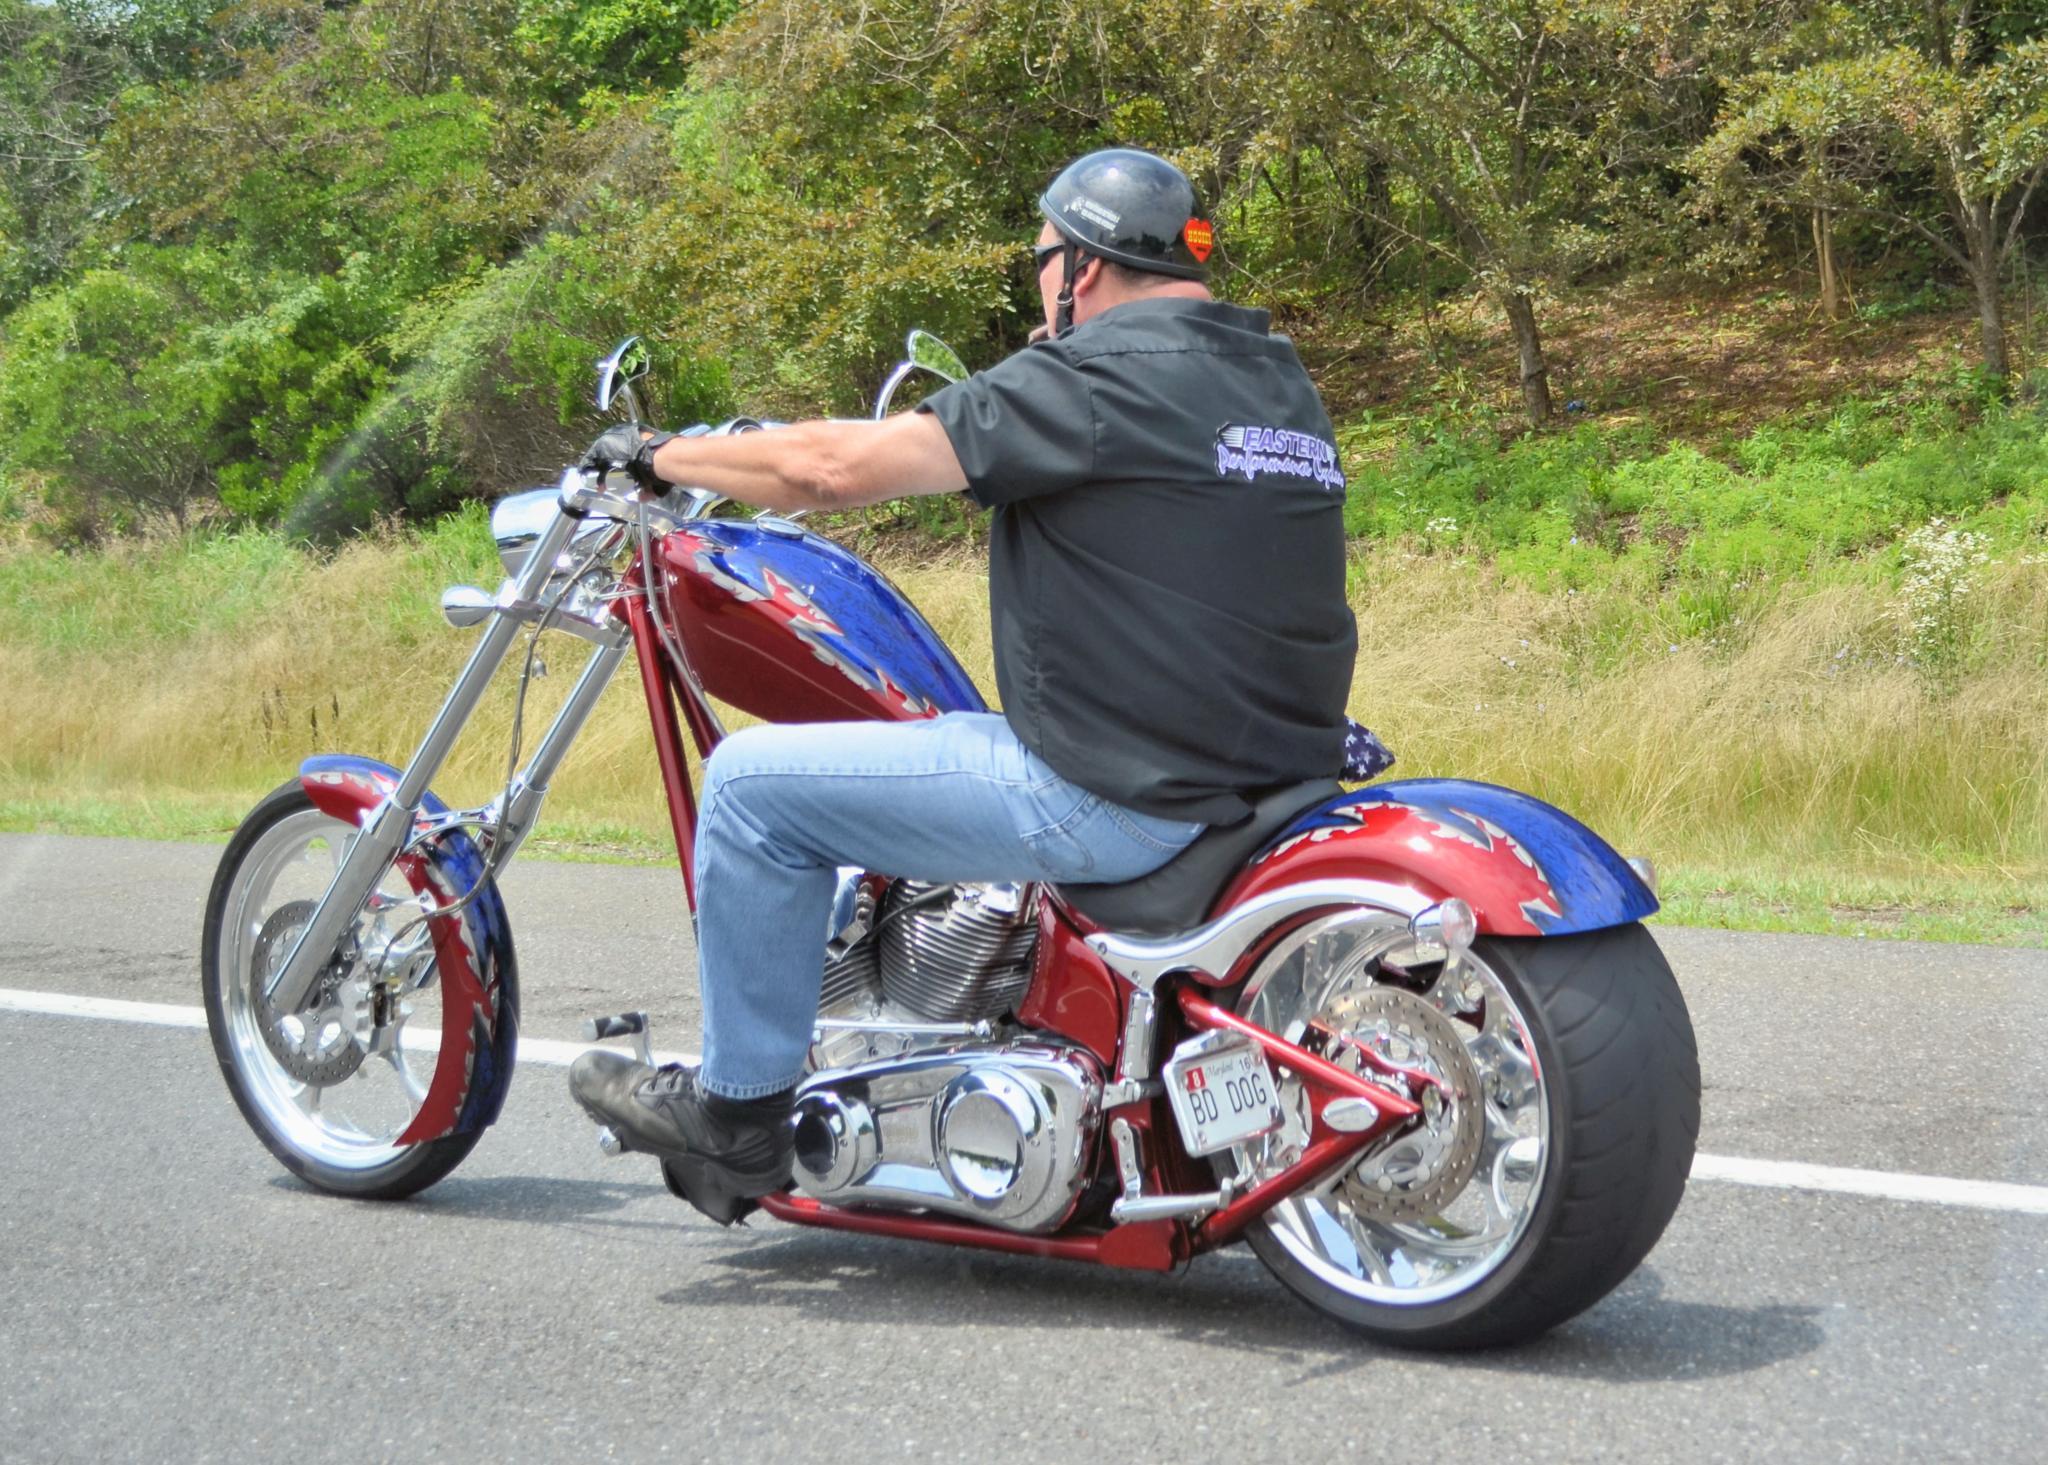 Custom Bilt Bike by JimFleenor